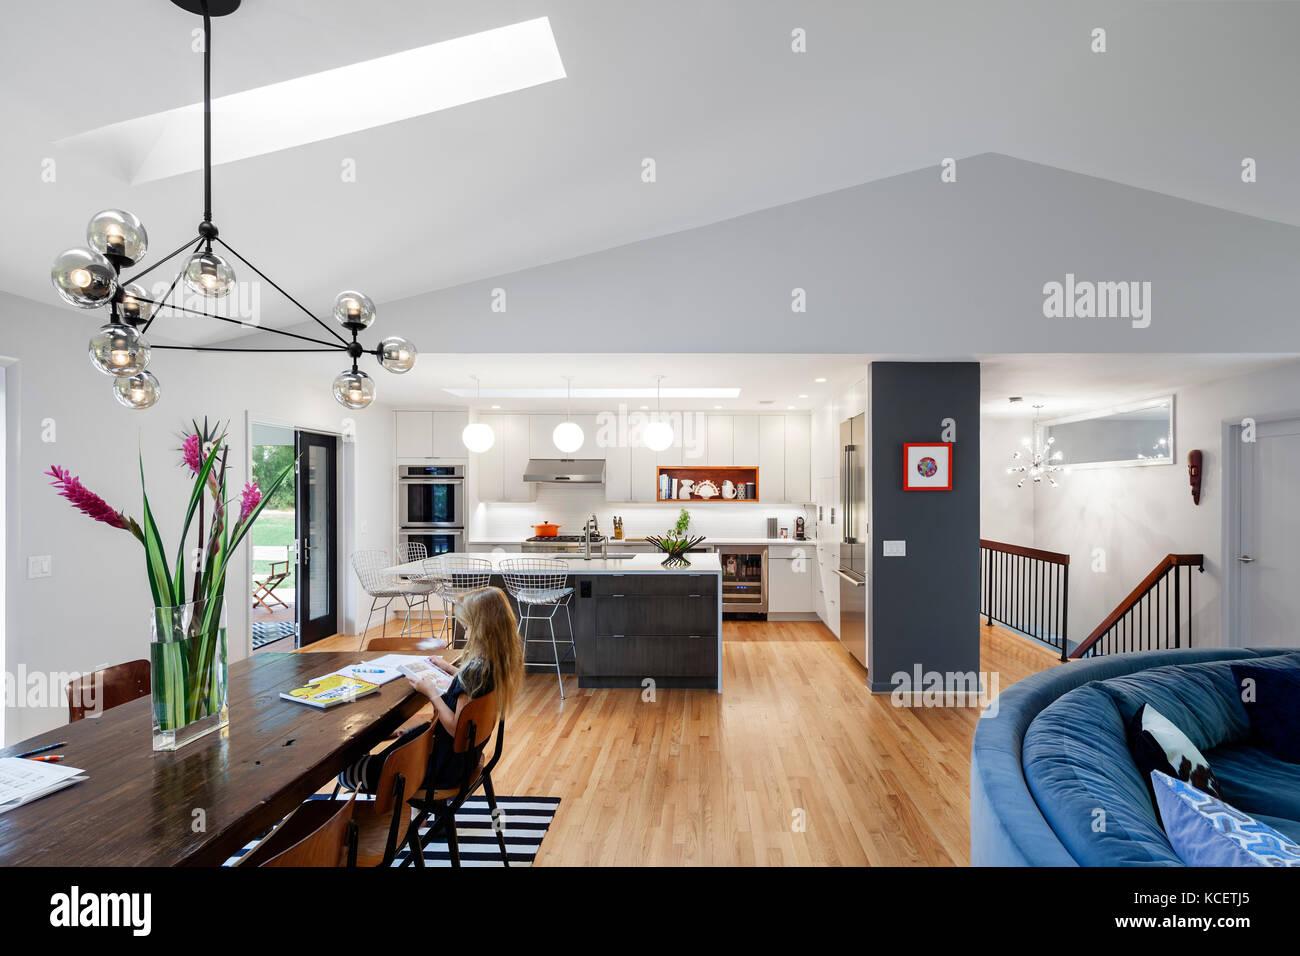 Das Wohnzimmer mit Essbereich und offener Küche. Bruning ...